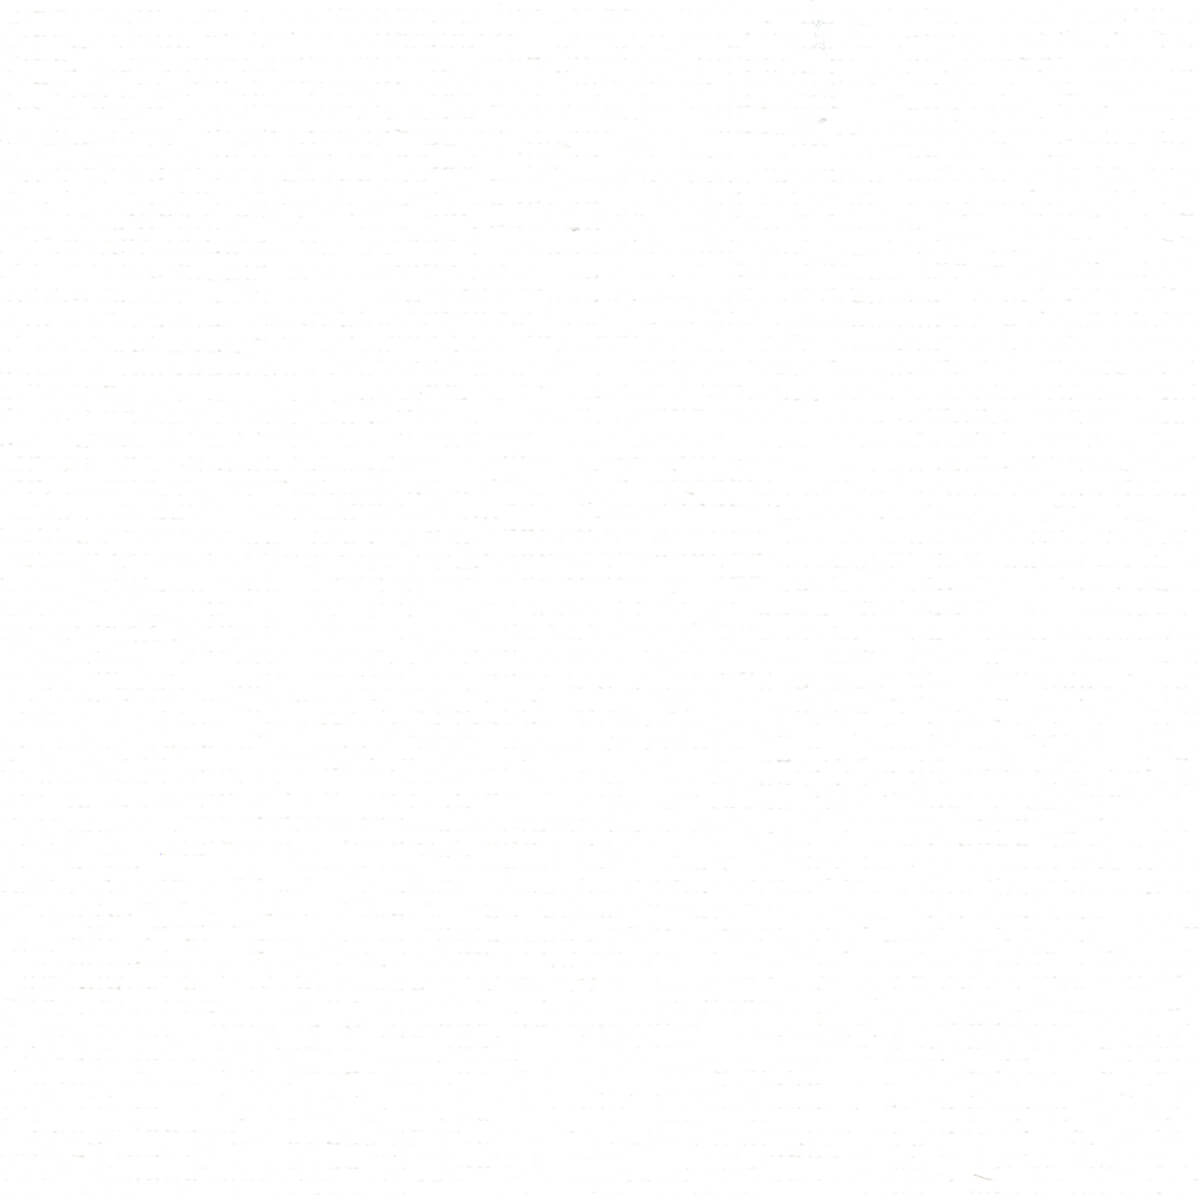 پرده شید با سبک مدرن   جنس پلی استر . پی وی سی  کد VSH04  گروه وراتی